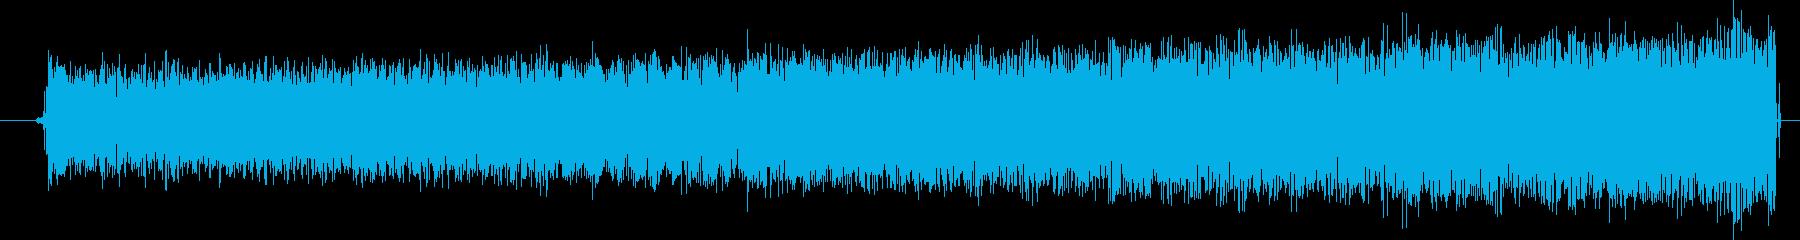 ギューーン(エネルギーを溜める音)の再生済みの波形